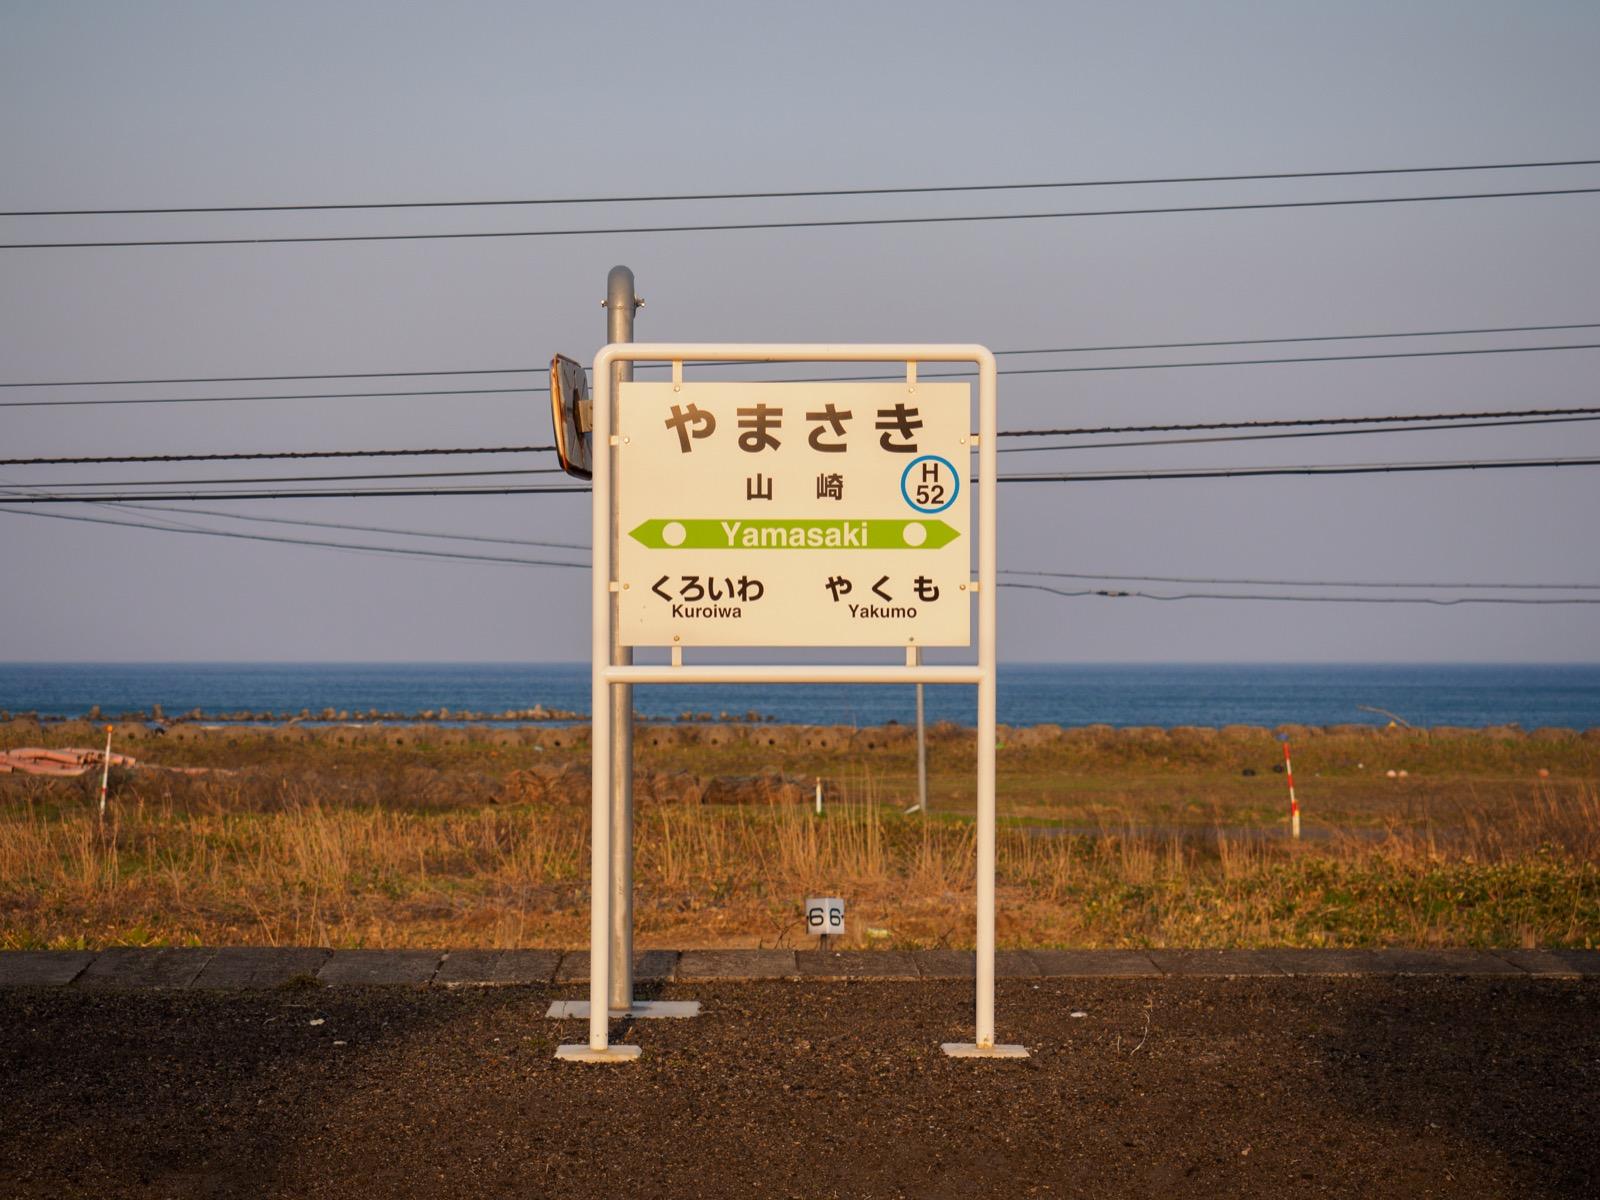 山崎駅の駅名標